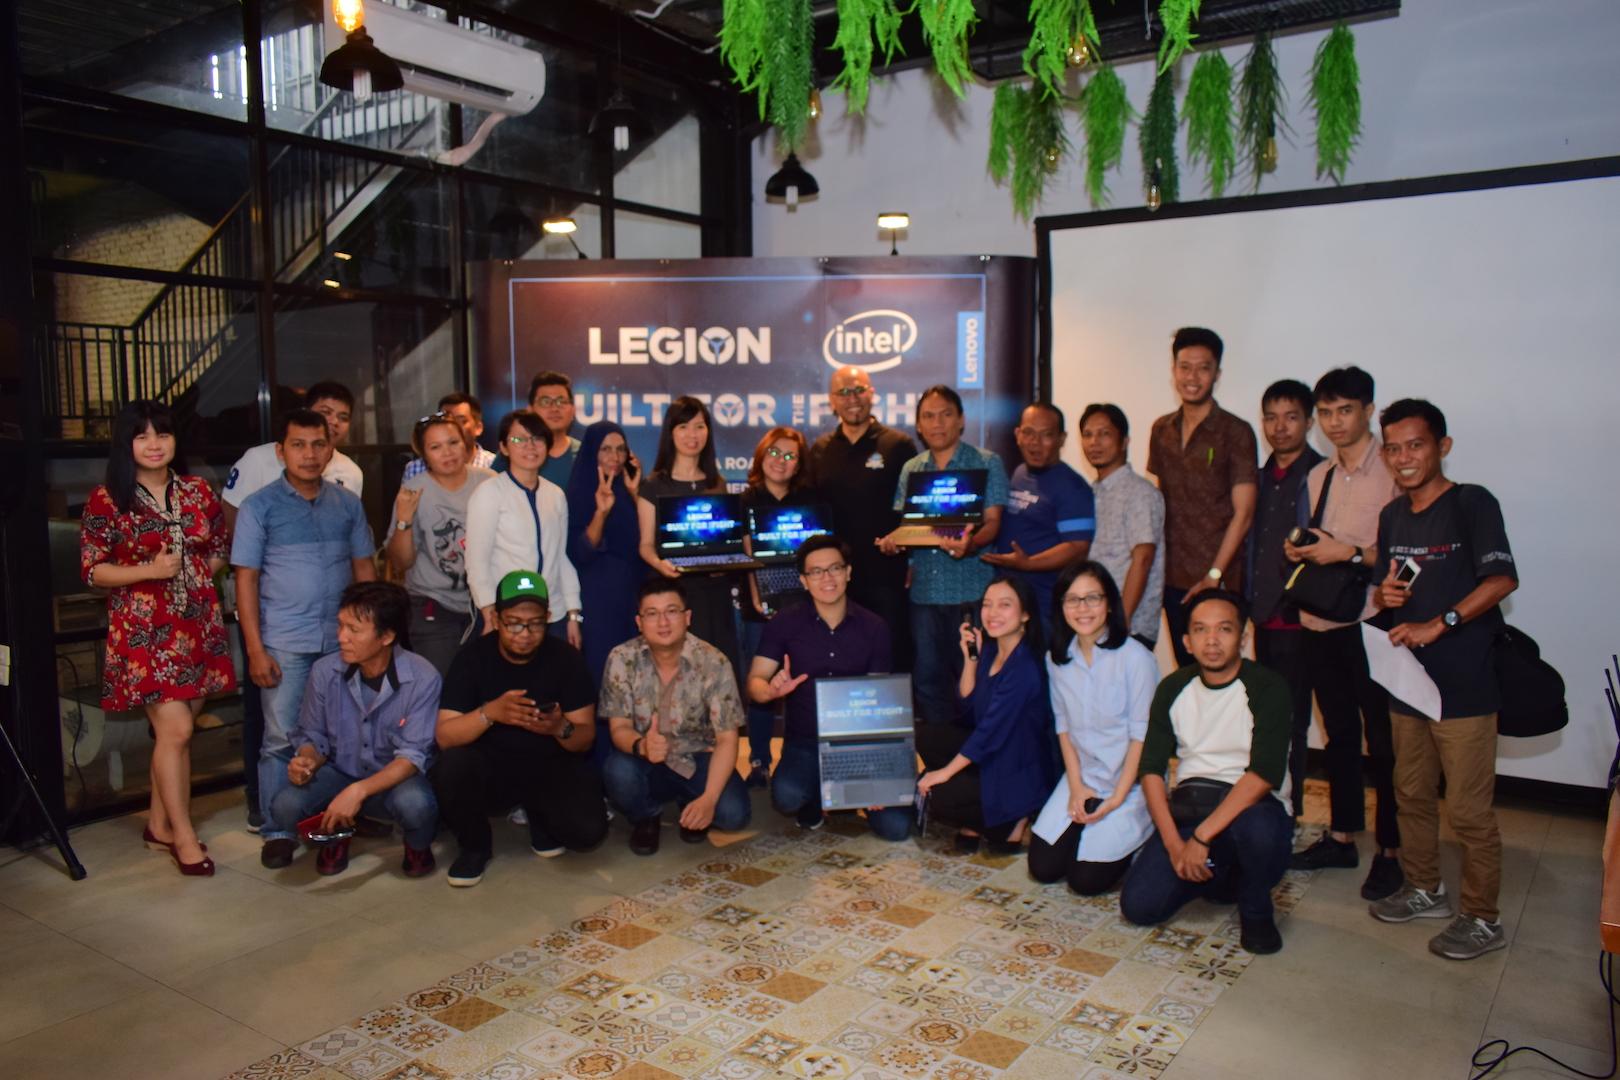 LENOVO Meningkatkan Spesifikasinya Untuk Menjangkau Pasar Gaming yang Lebih Luas